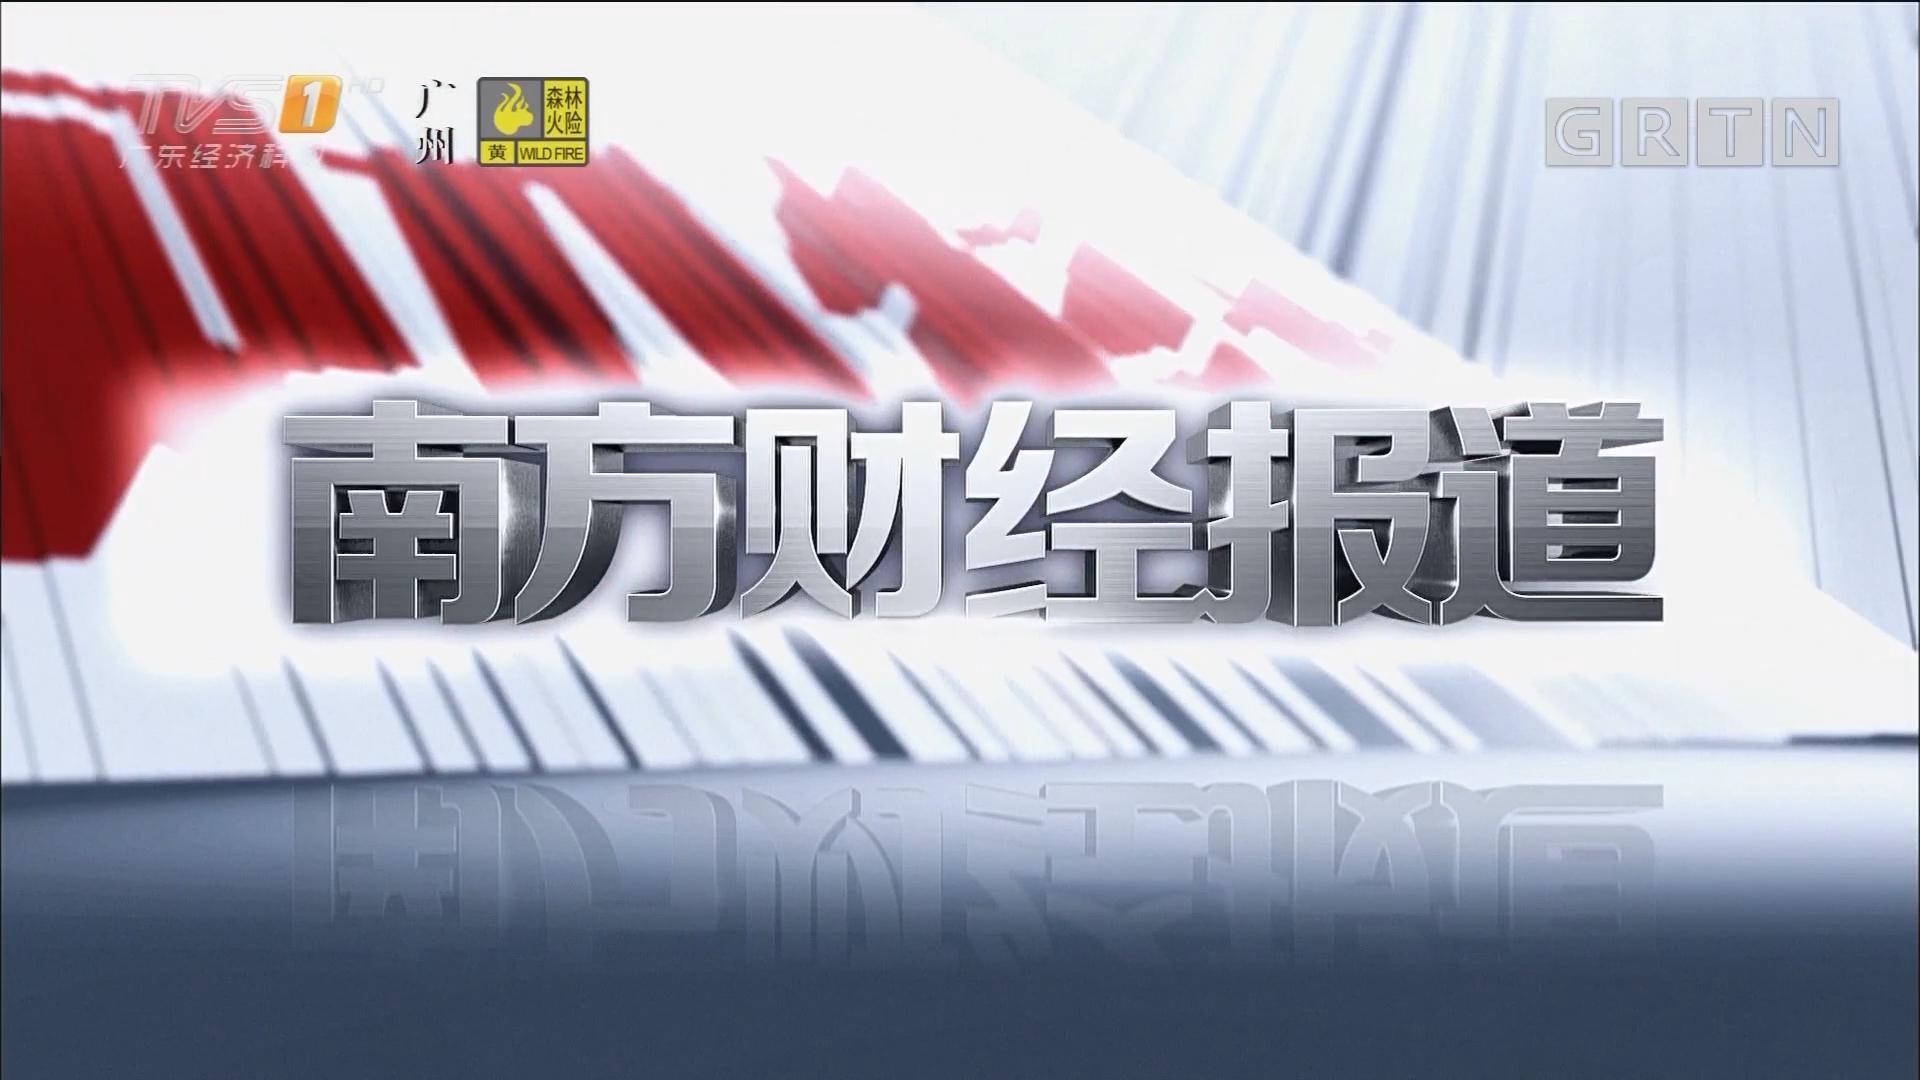 [HD][2018-03-14]南方财经报道:广东代表团举行全体会议审议监察法草案 李希马兴瑞李玉妹等代表发言